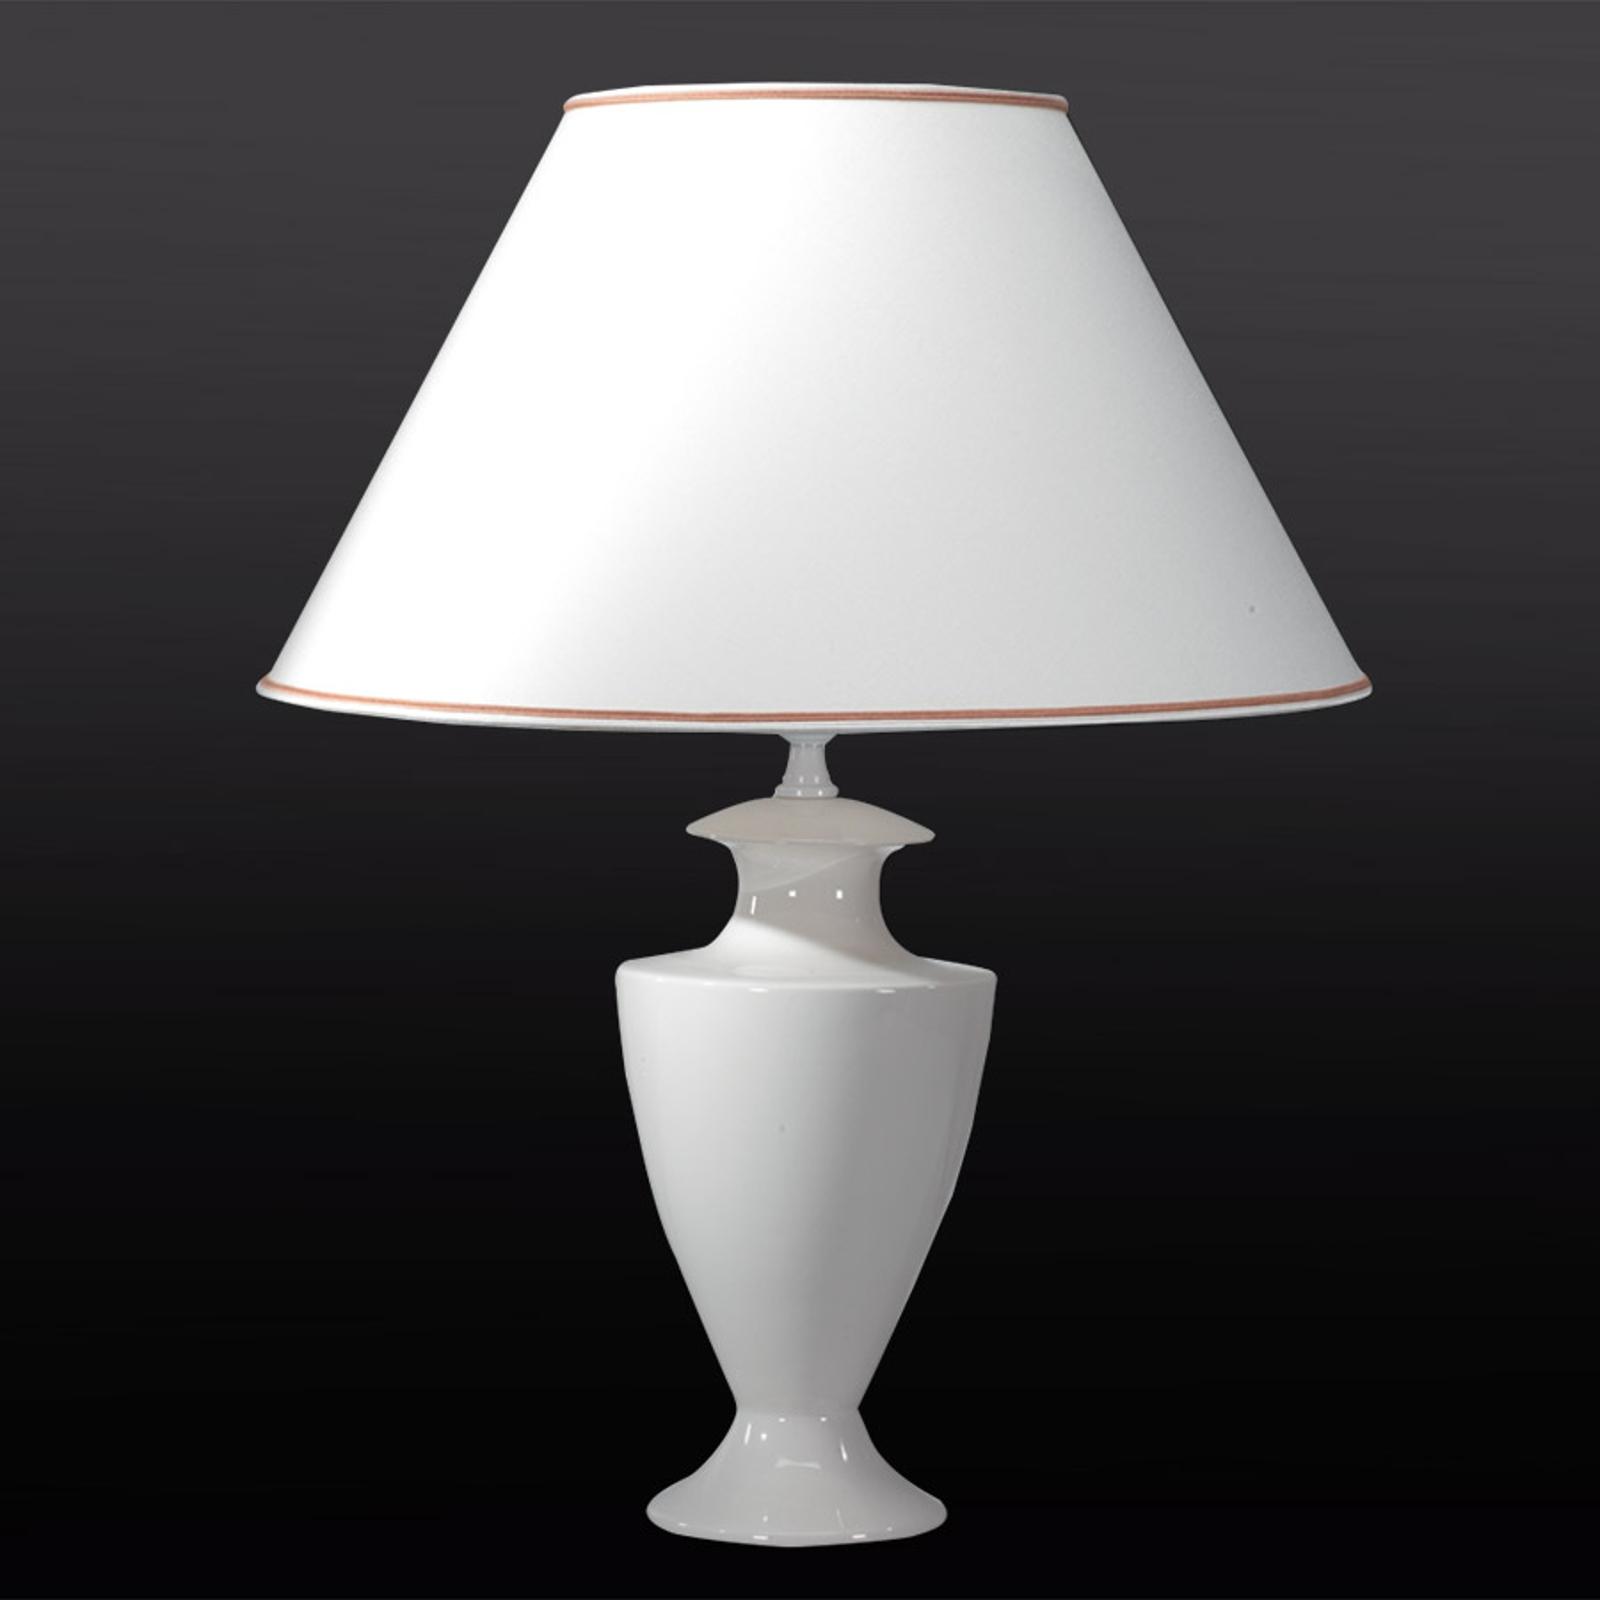 Taburetlampe Ada Craquelet, 70 cm